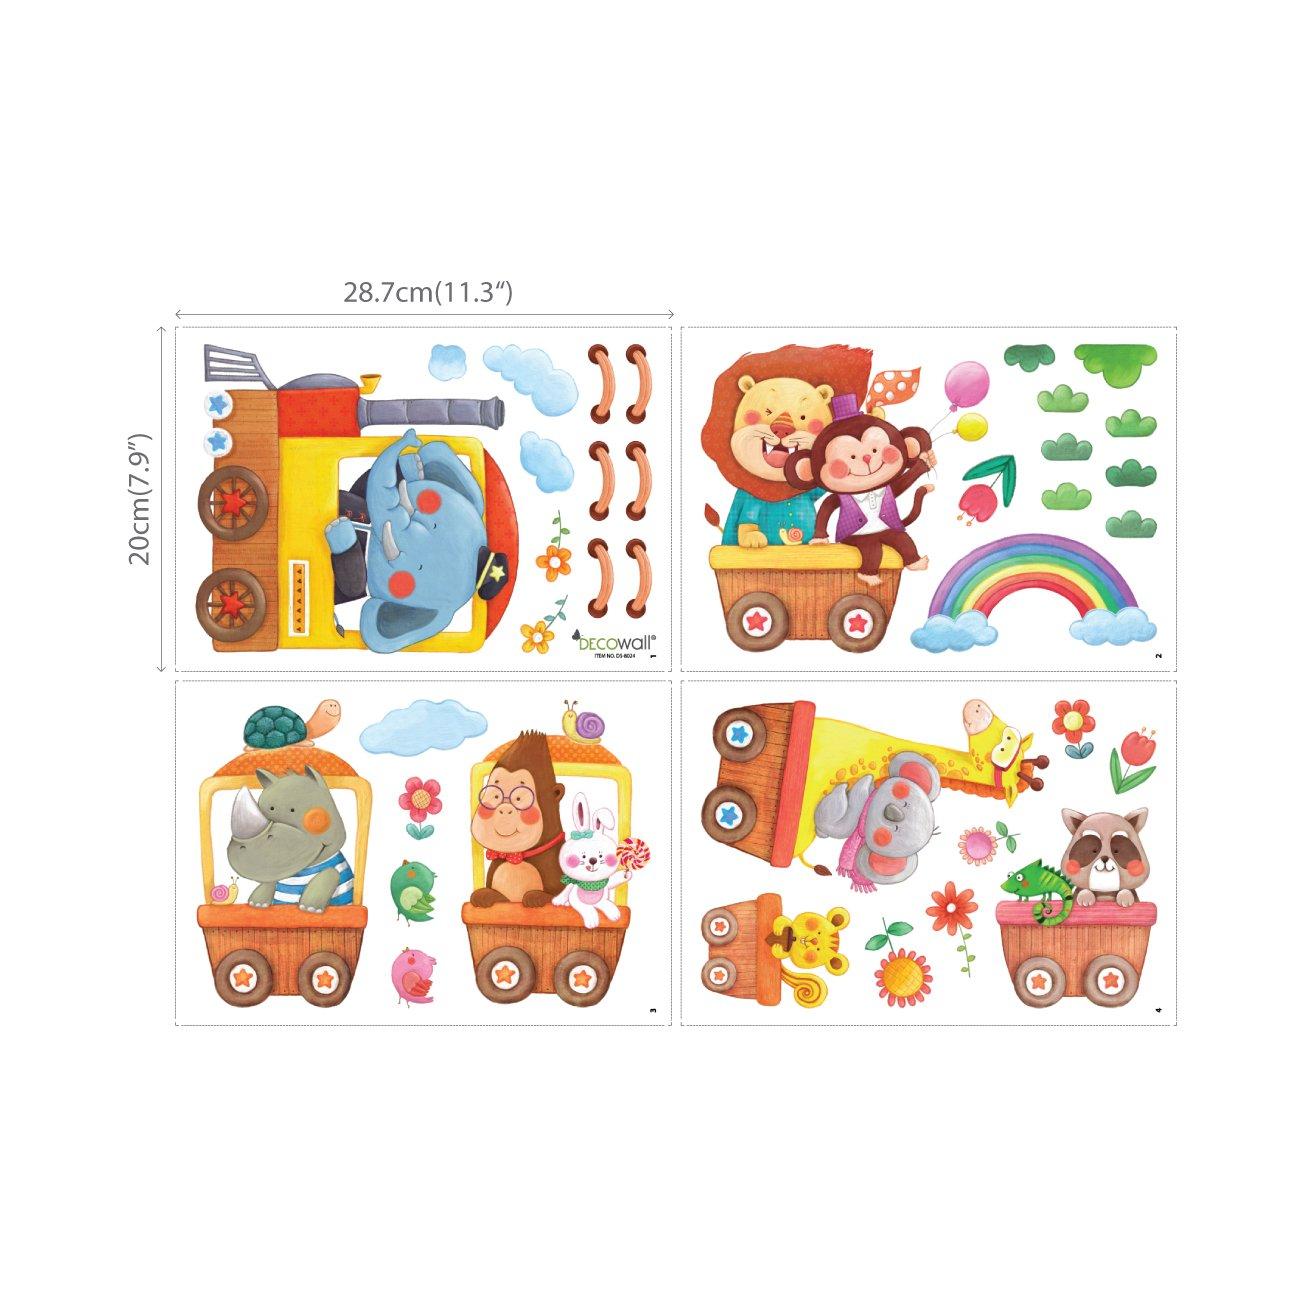 DECOWALL DA-1406A Treni con Animali Adesivi da Parete Decorazioni Parete Stickers Murali Soggiorno Asilo Nido Camera da Letto per Bambini